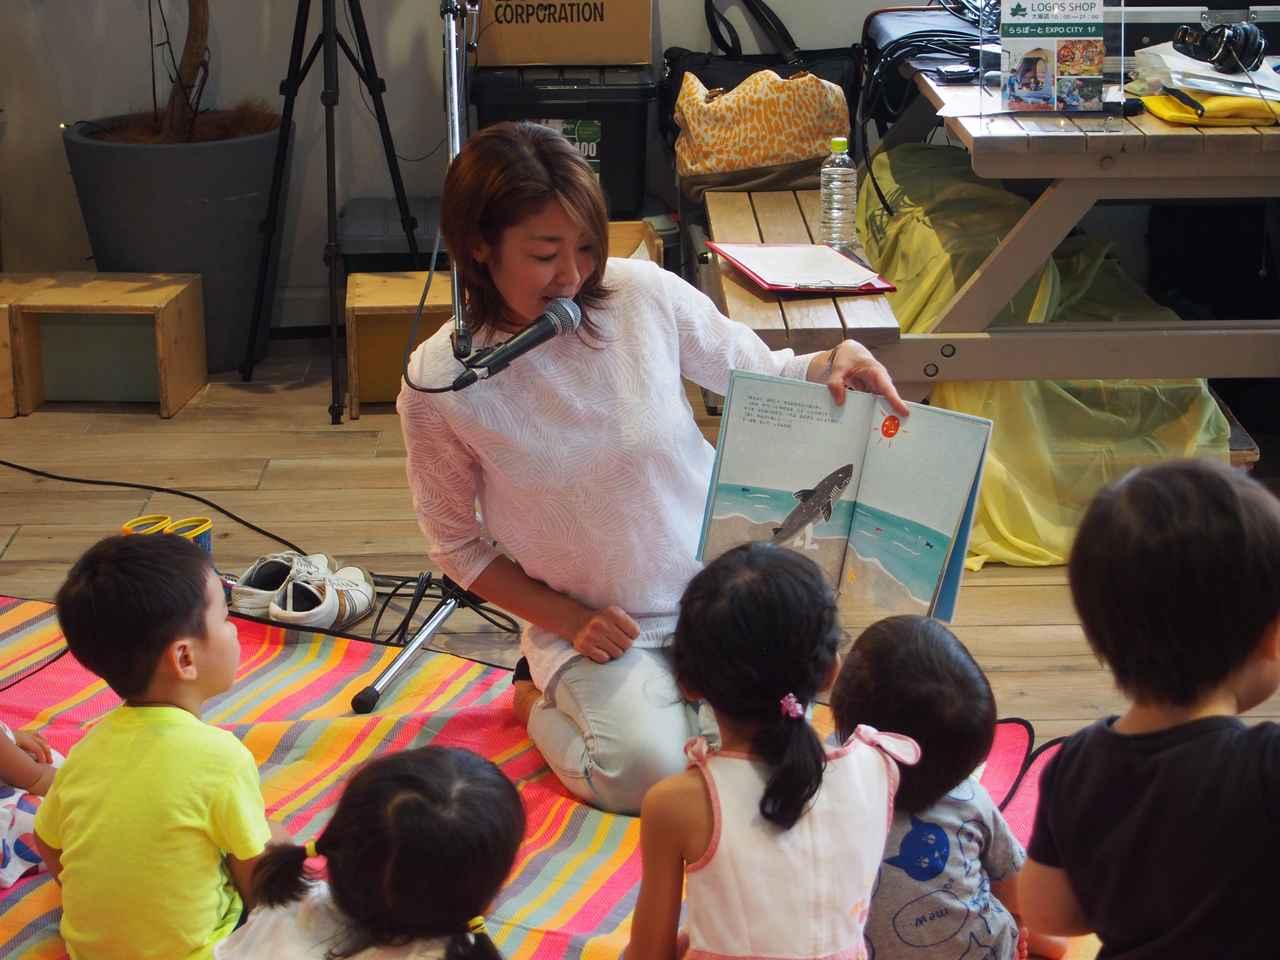 画像: その後は、男の子がこれ読んで!と持ってきた「おれはサメ」という絵本を急遽読むことに。